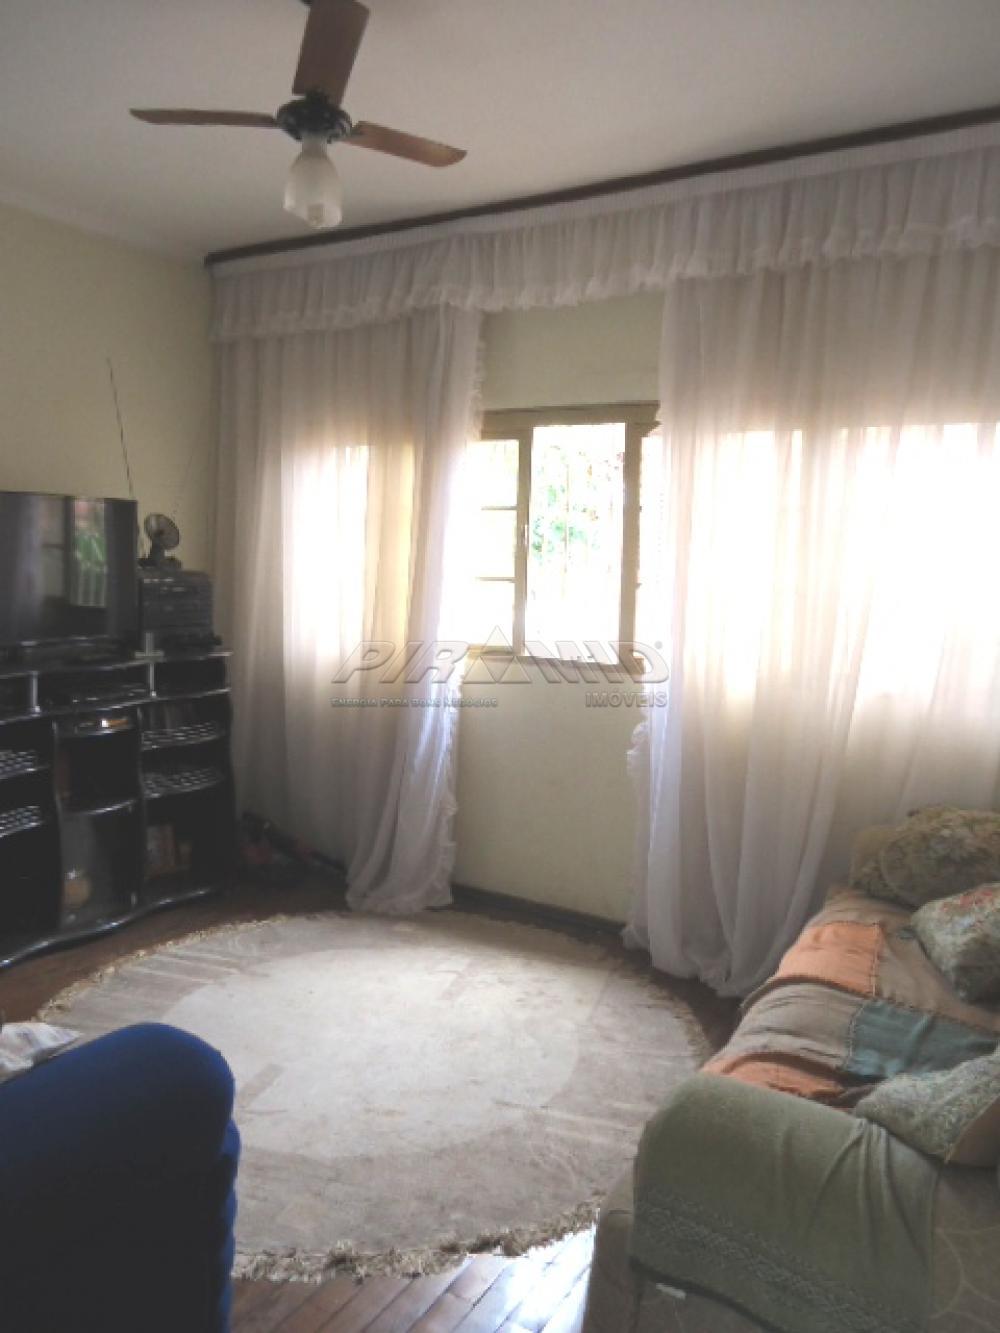 Comprar Casa / Padrão em Ribeirão Preto R$ 286.000,00 - Foto 4